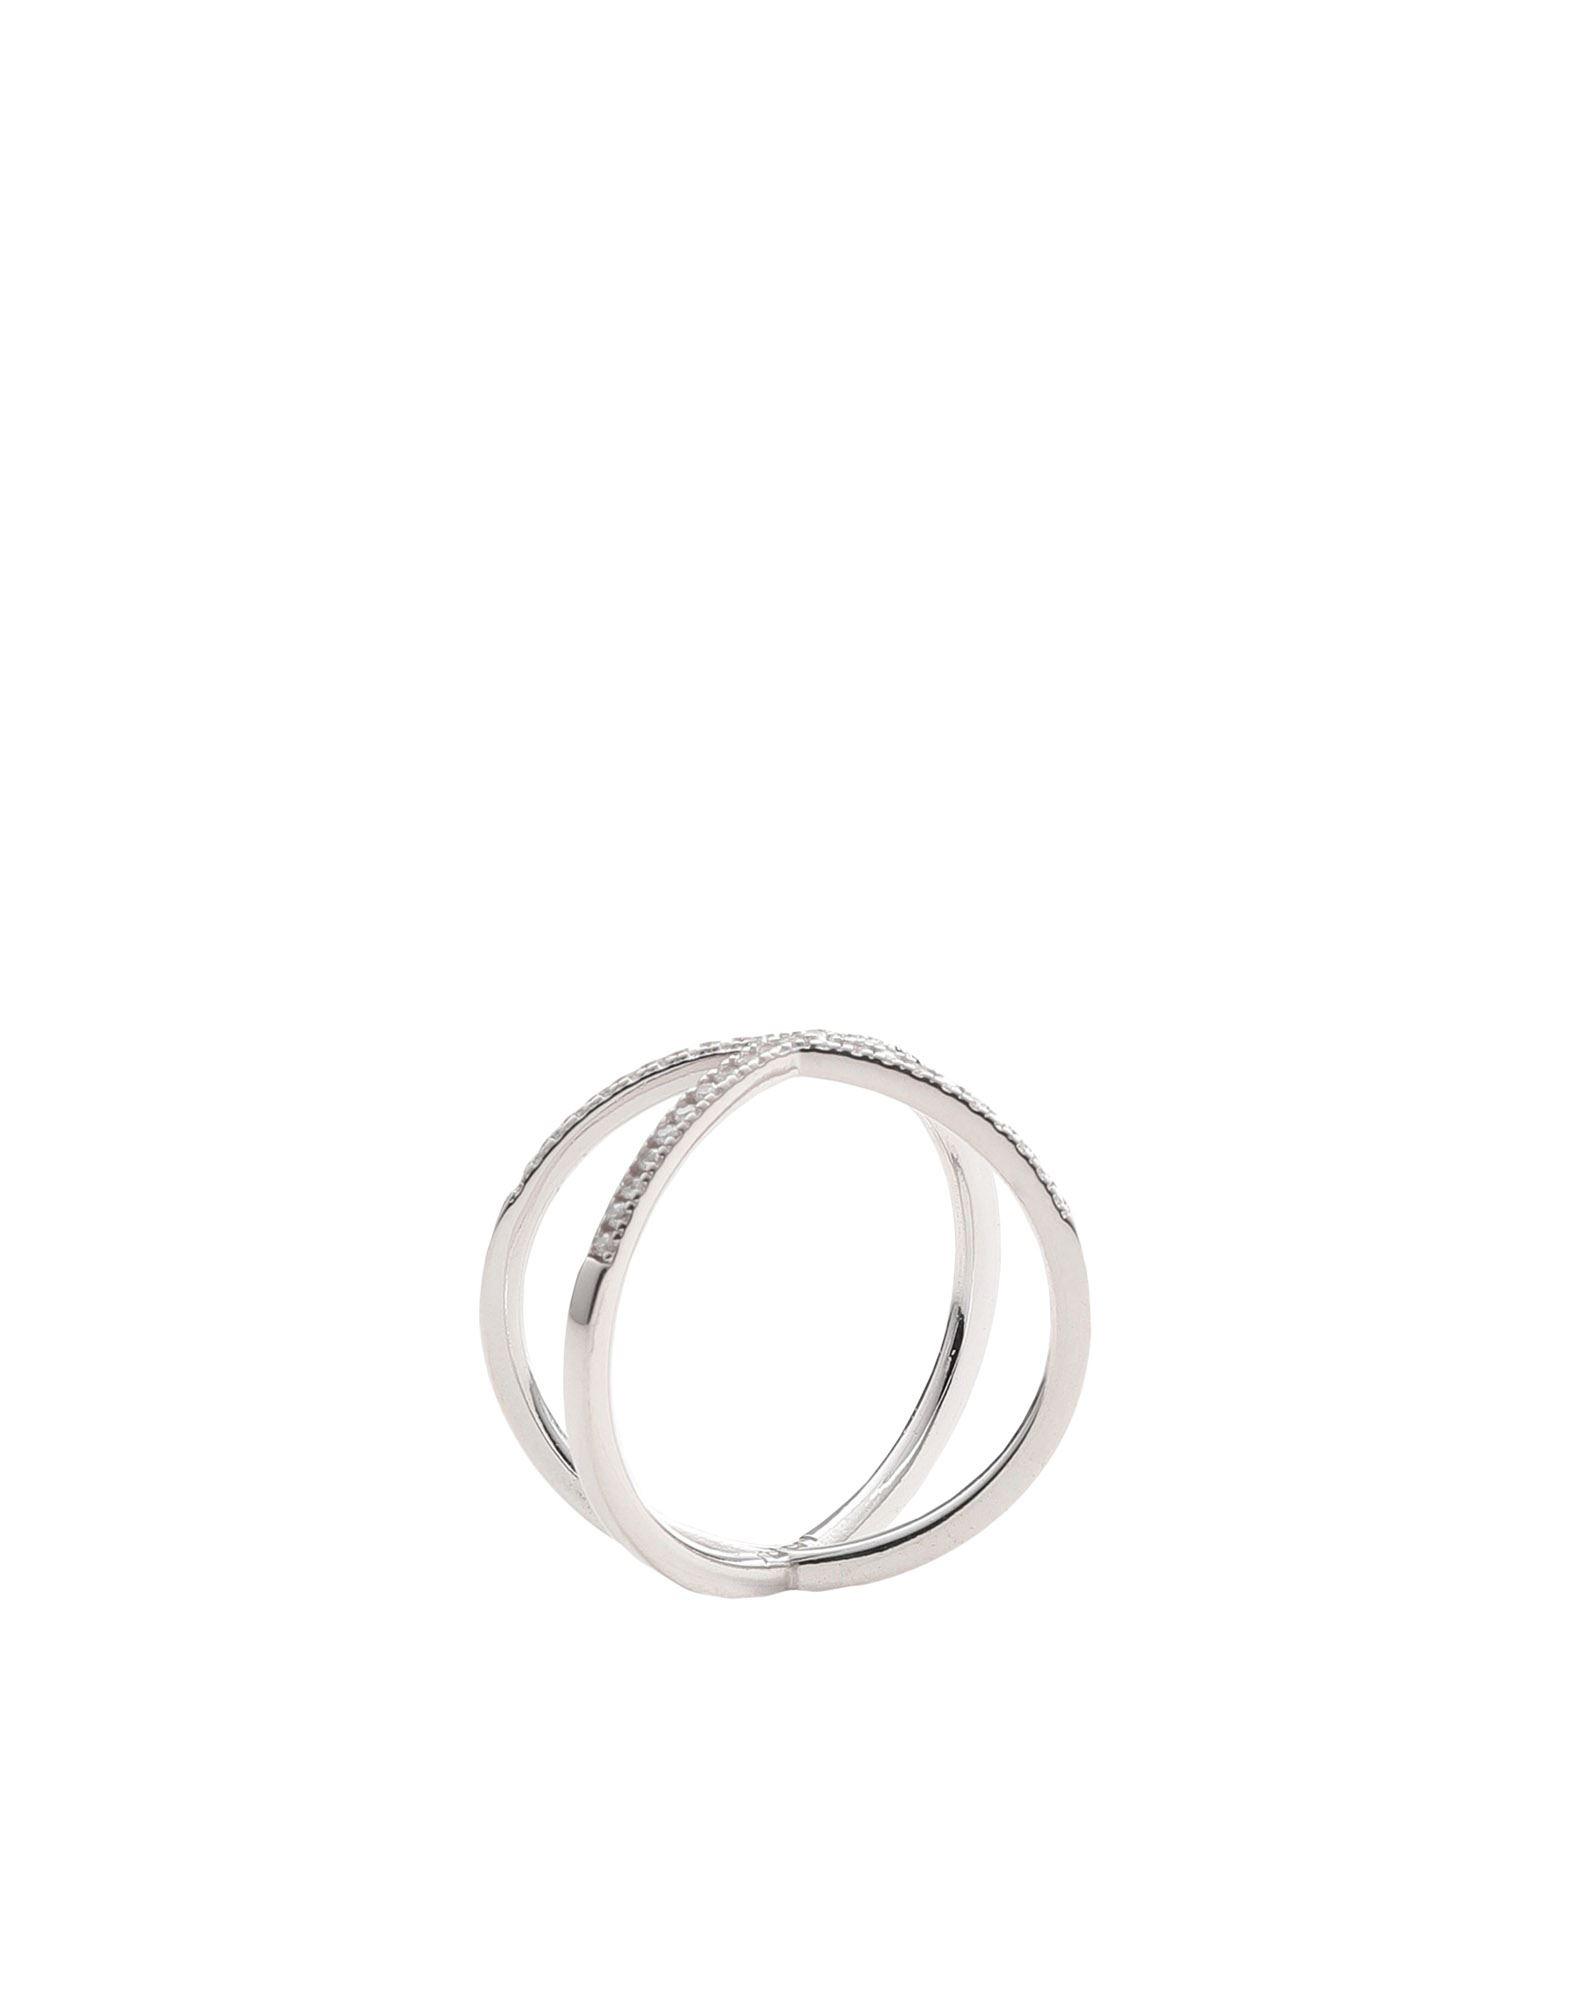 《セール開催中》KURSHUNI レディース 指輪 シルバー 52 シルバー925/1000 / キュービックジルコニア MENTE LUMINOSA - VITA ED ENERGIA